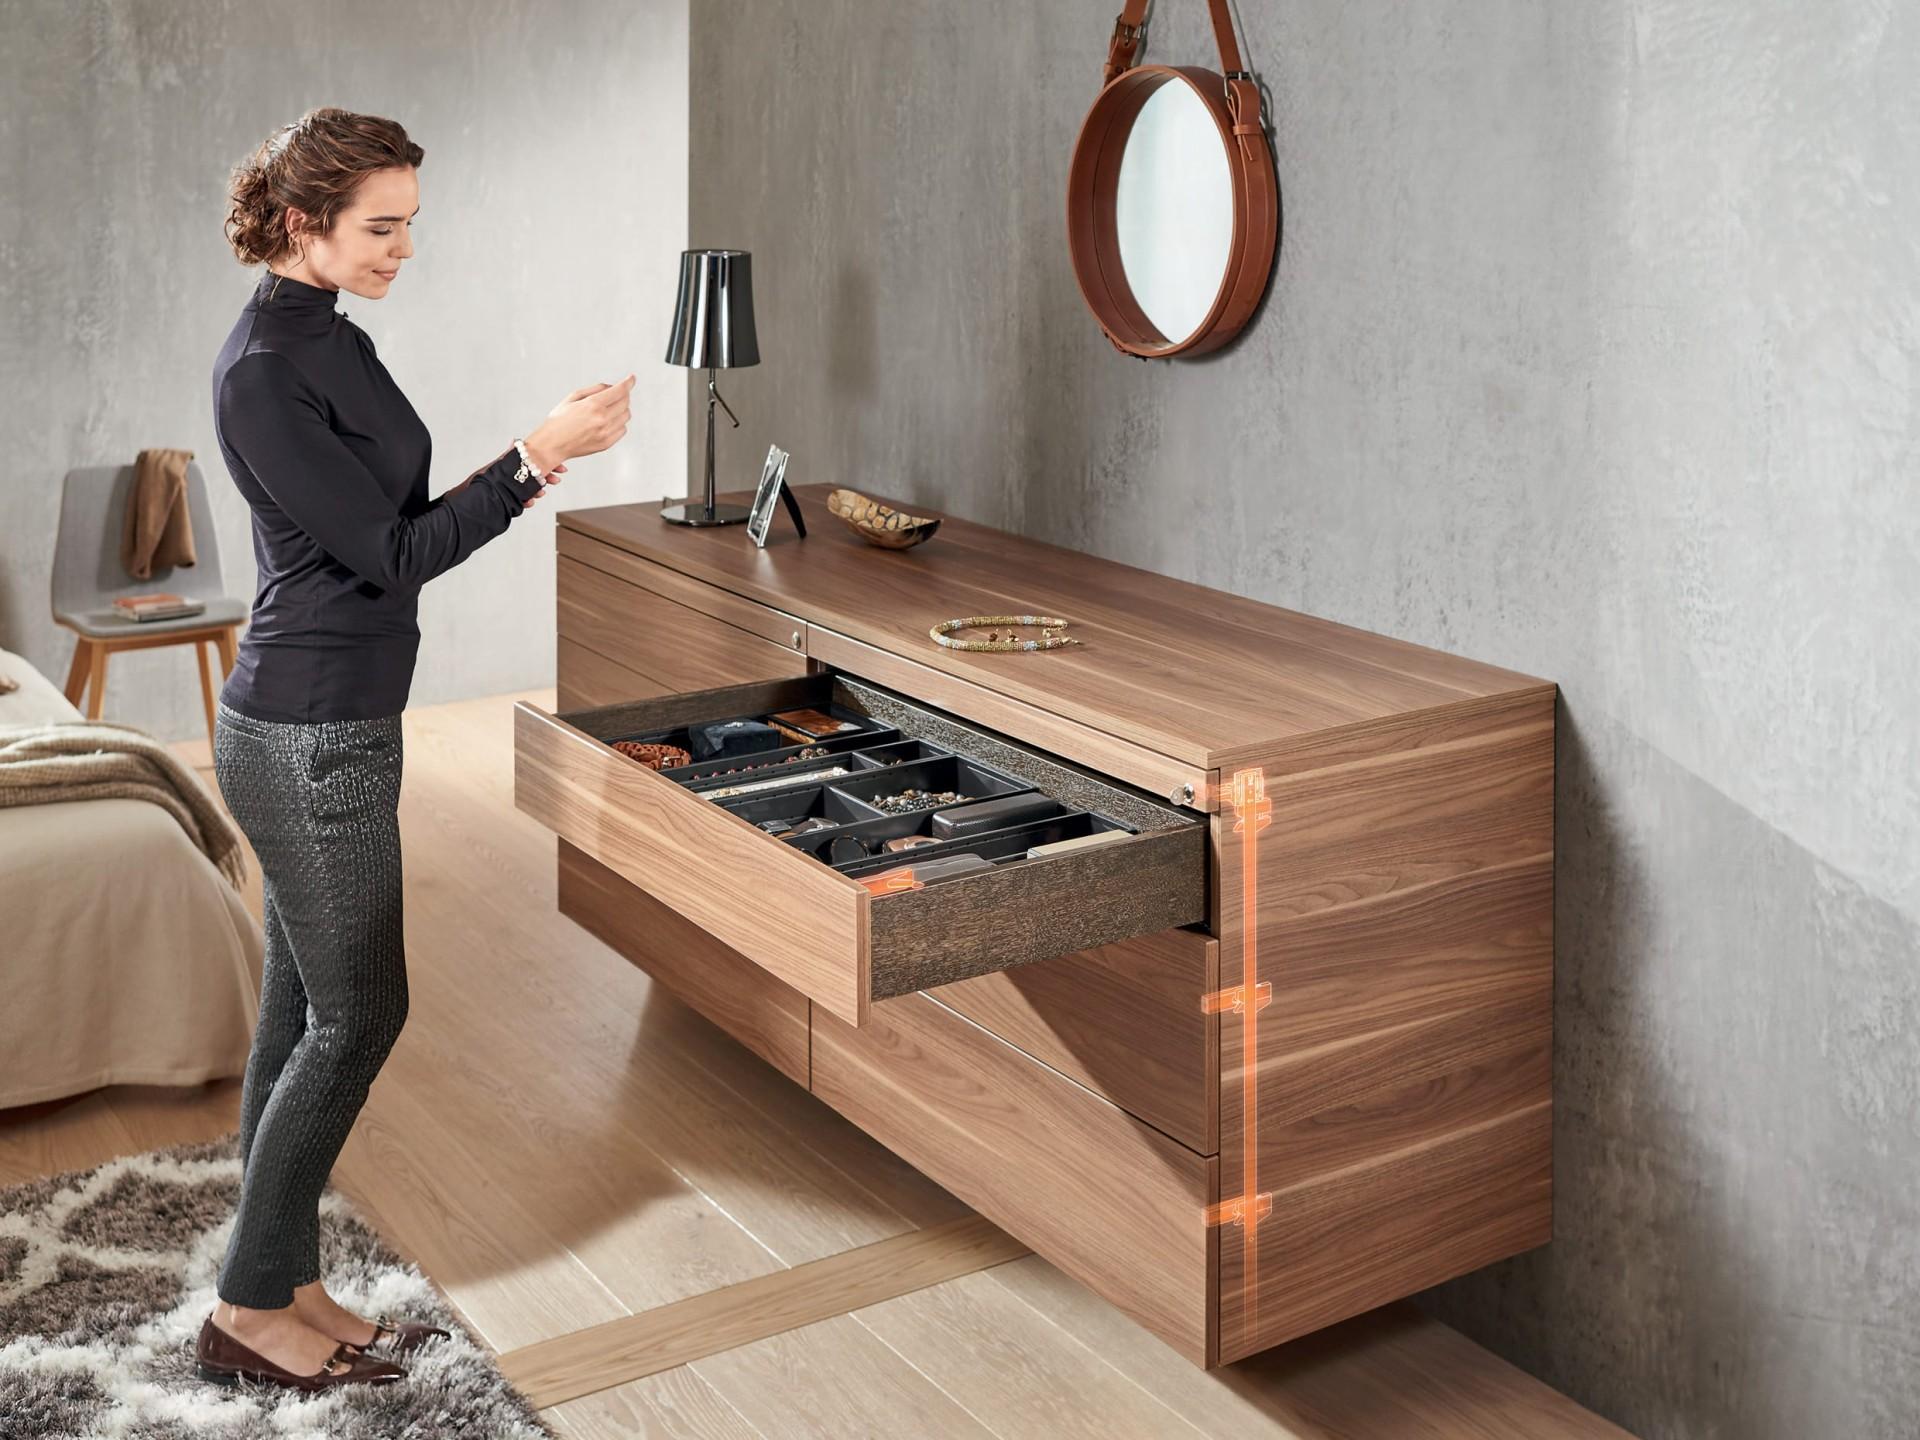 Dormitoare moderne - Sistemul Cabloxx